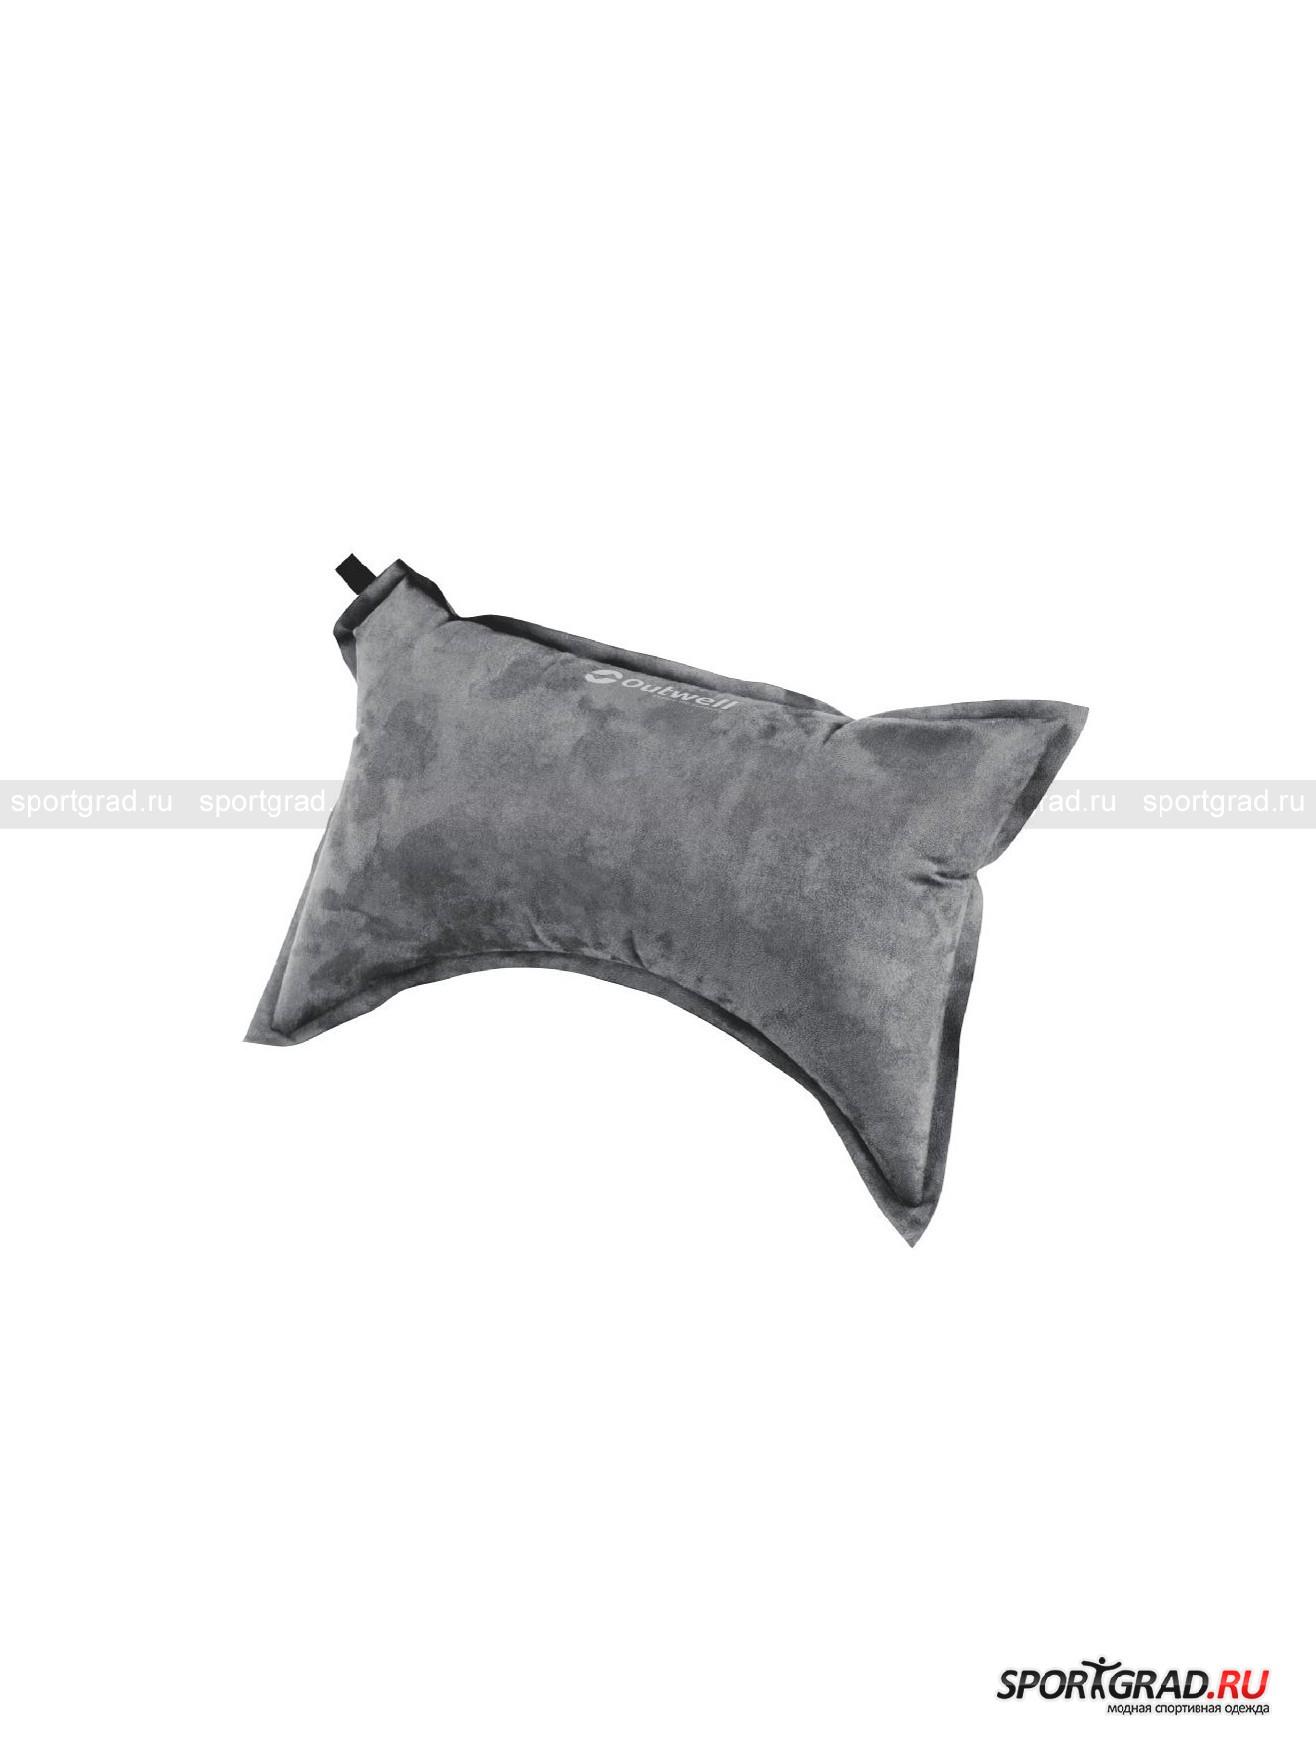 Надувная подушка Deepsleep Moon-shaped pillow OutwellСпальные Мешки<br>Велюровая подушка Outwel из серии Deep Sleep для комфортного сна. Идеально подходит для спальных мешков,автомобильных поездок и пикников. Благодаря малым размерам в сложенном состоянии её можно будет брать с собой в дорогу или хранить в автомобиле. Практичная вещь для любителей поспать.<br><br>Возраст: Взрослый<br>Тип: Спальные Мешки<br>Состав: ПВХ